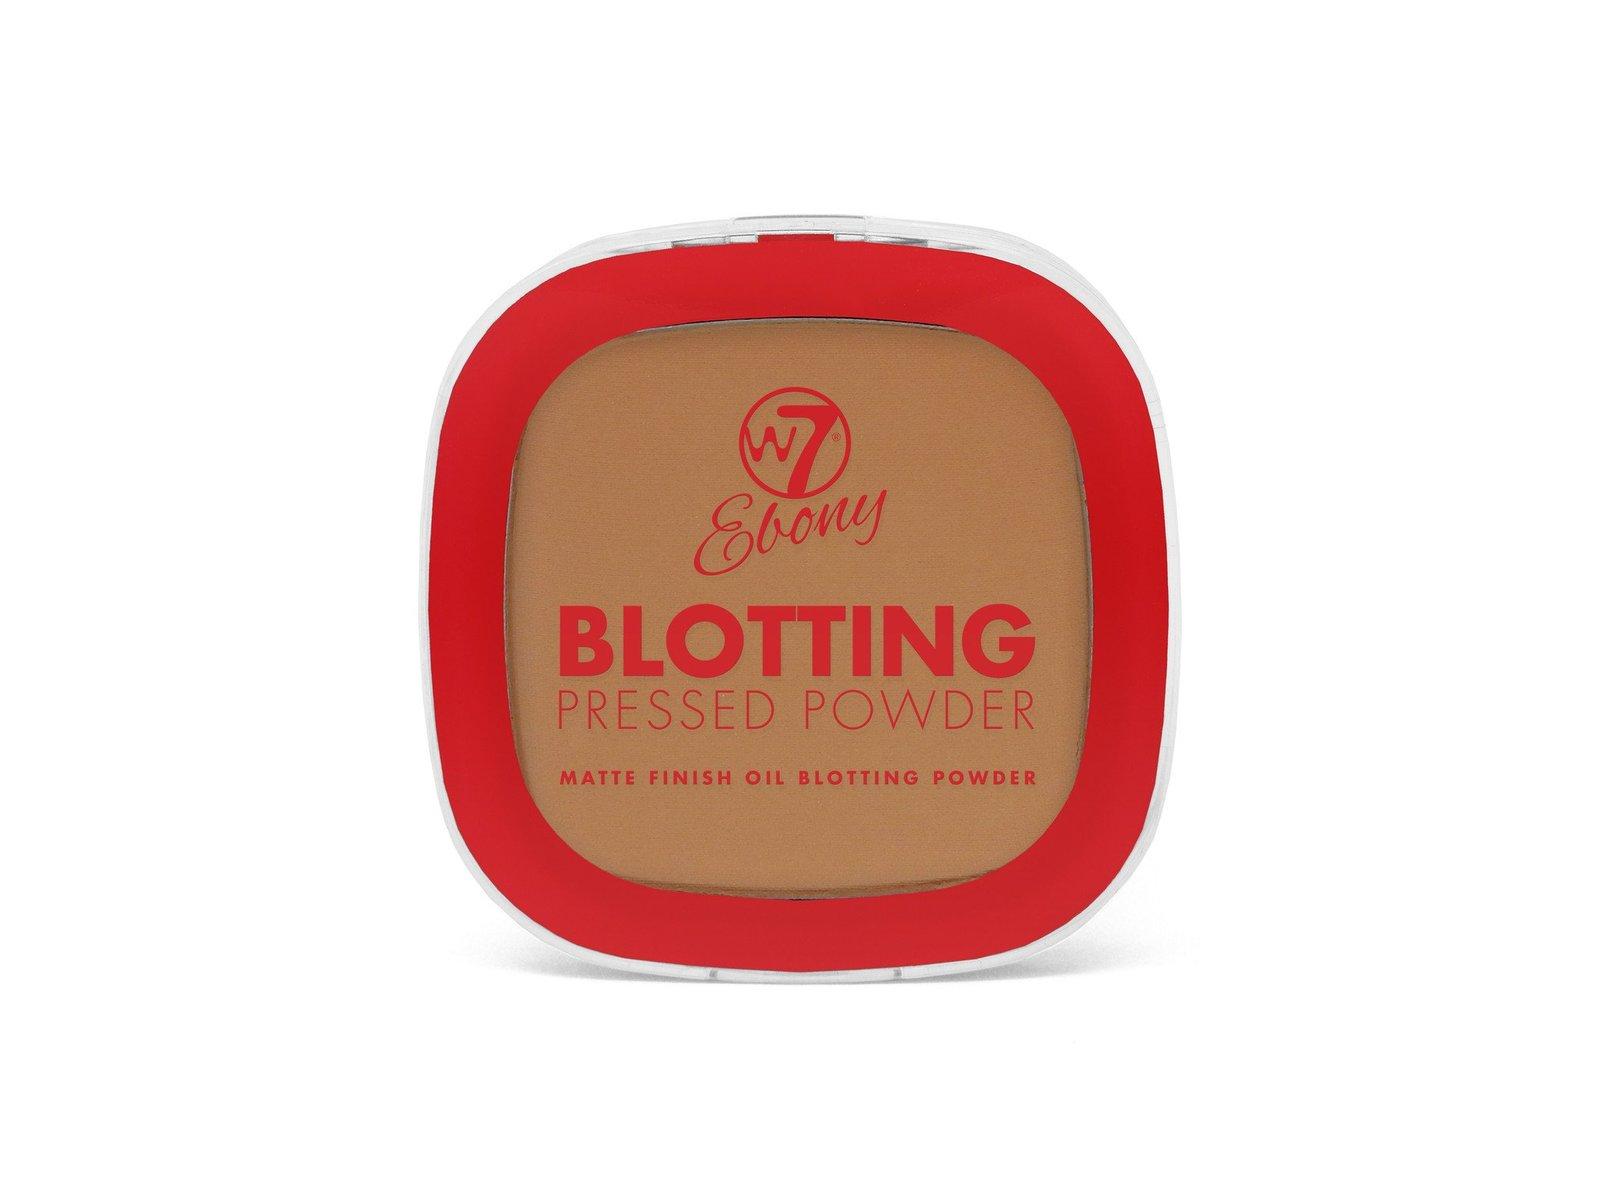 W7 Ebony Blotting Powder (Medium) image